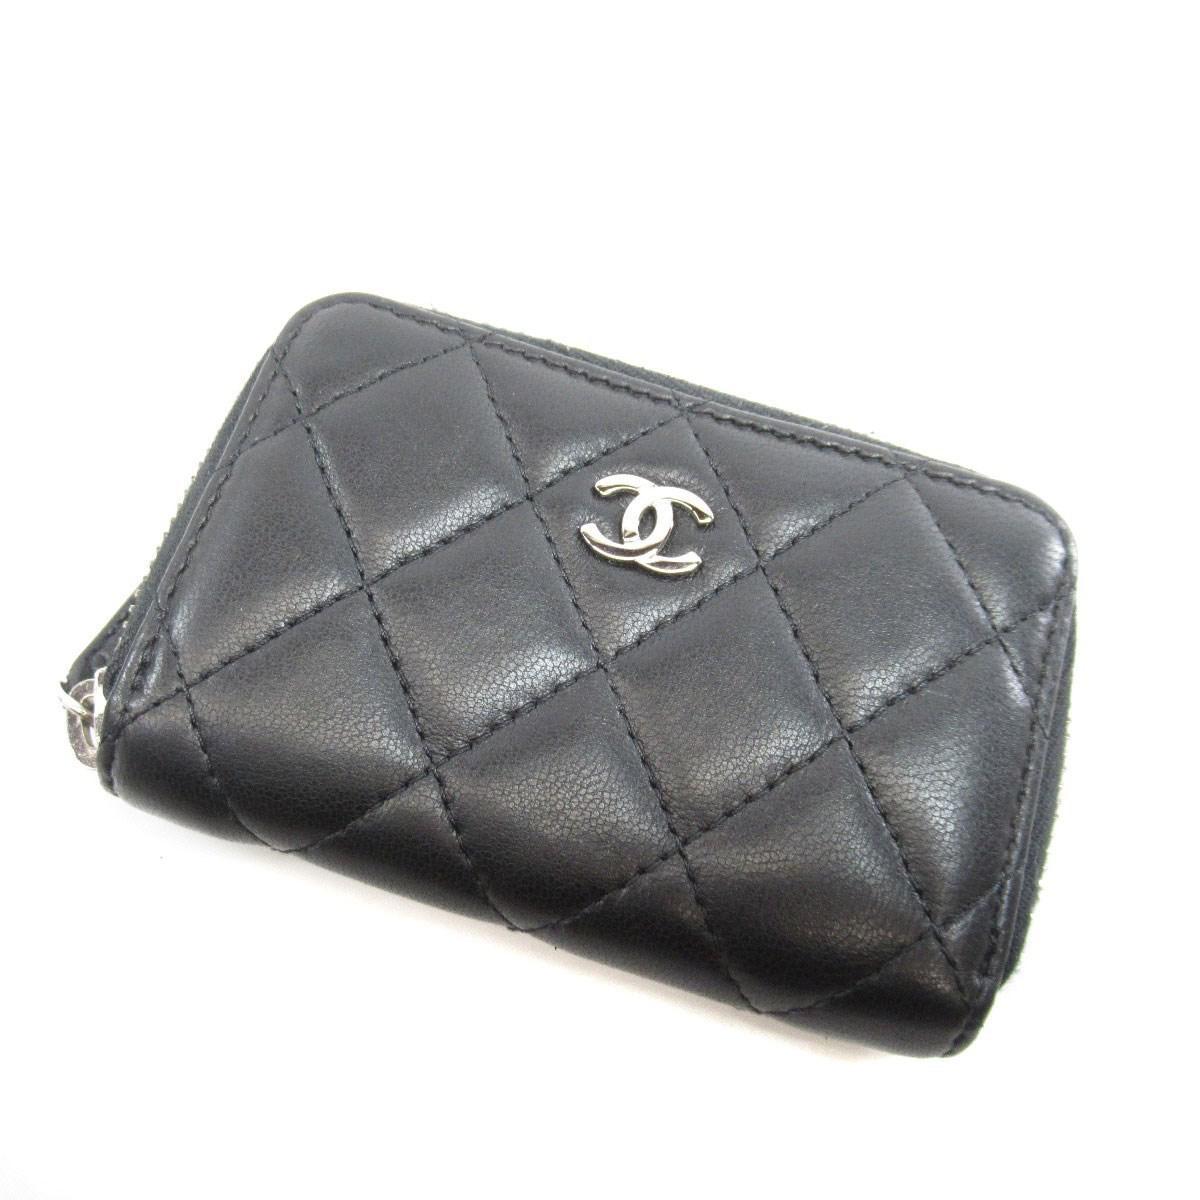 5e0ce8722c4 Lyst - Chanel Lambskin Coin Purse Coco Mark in Black